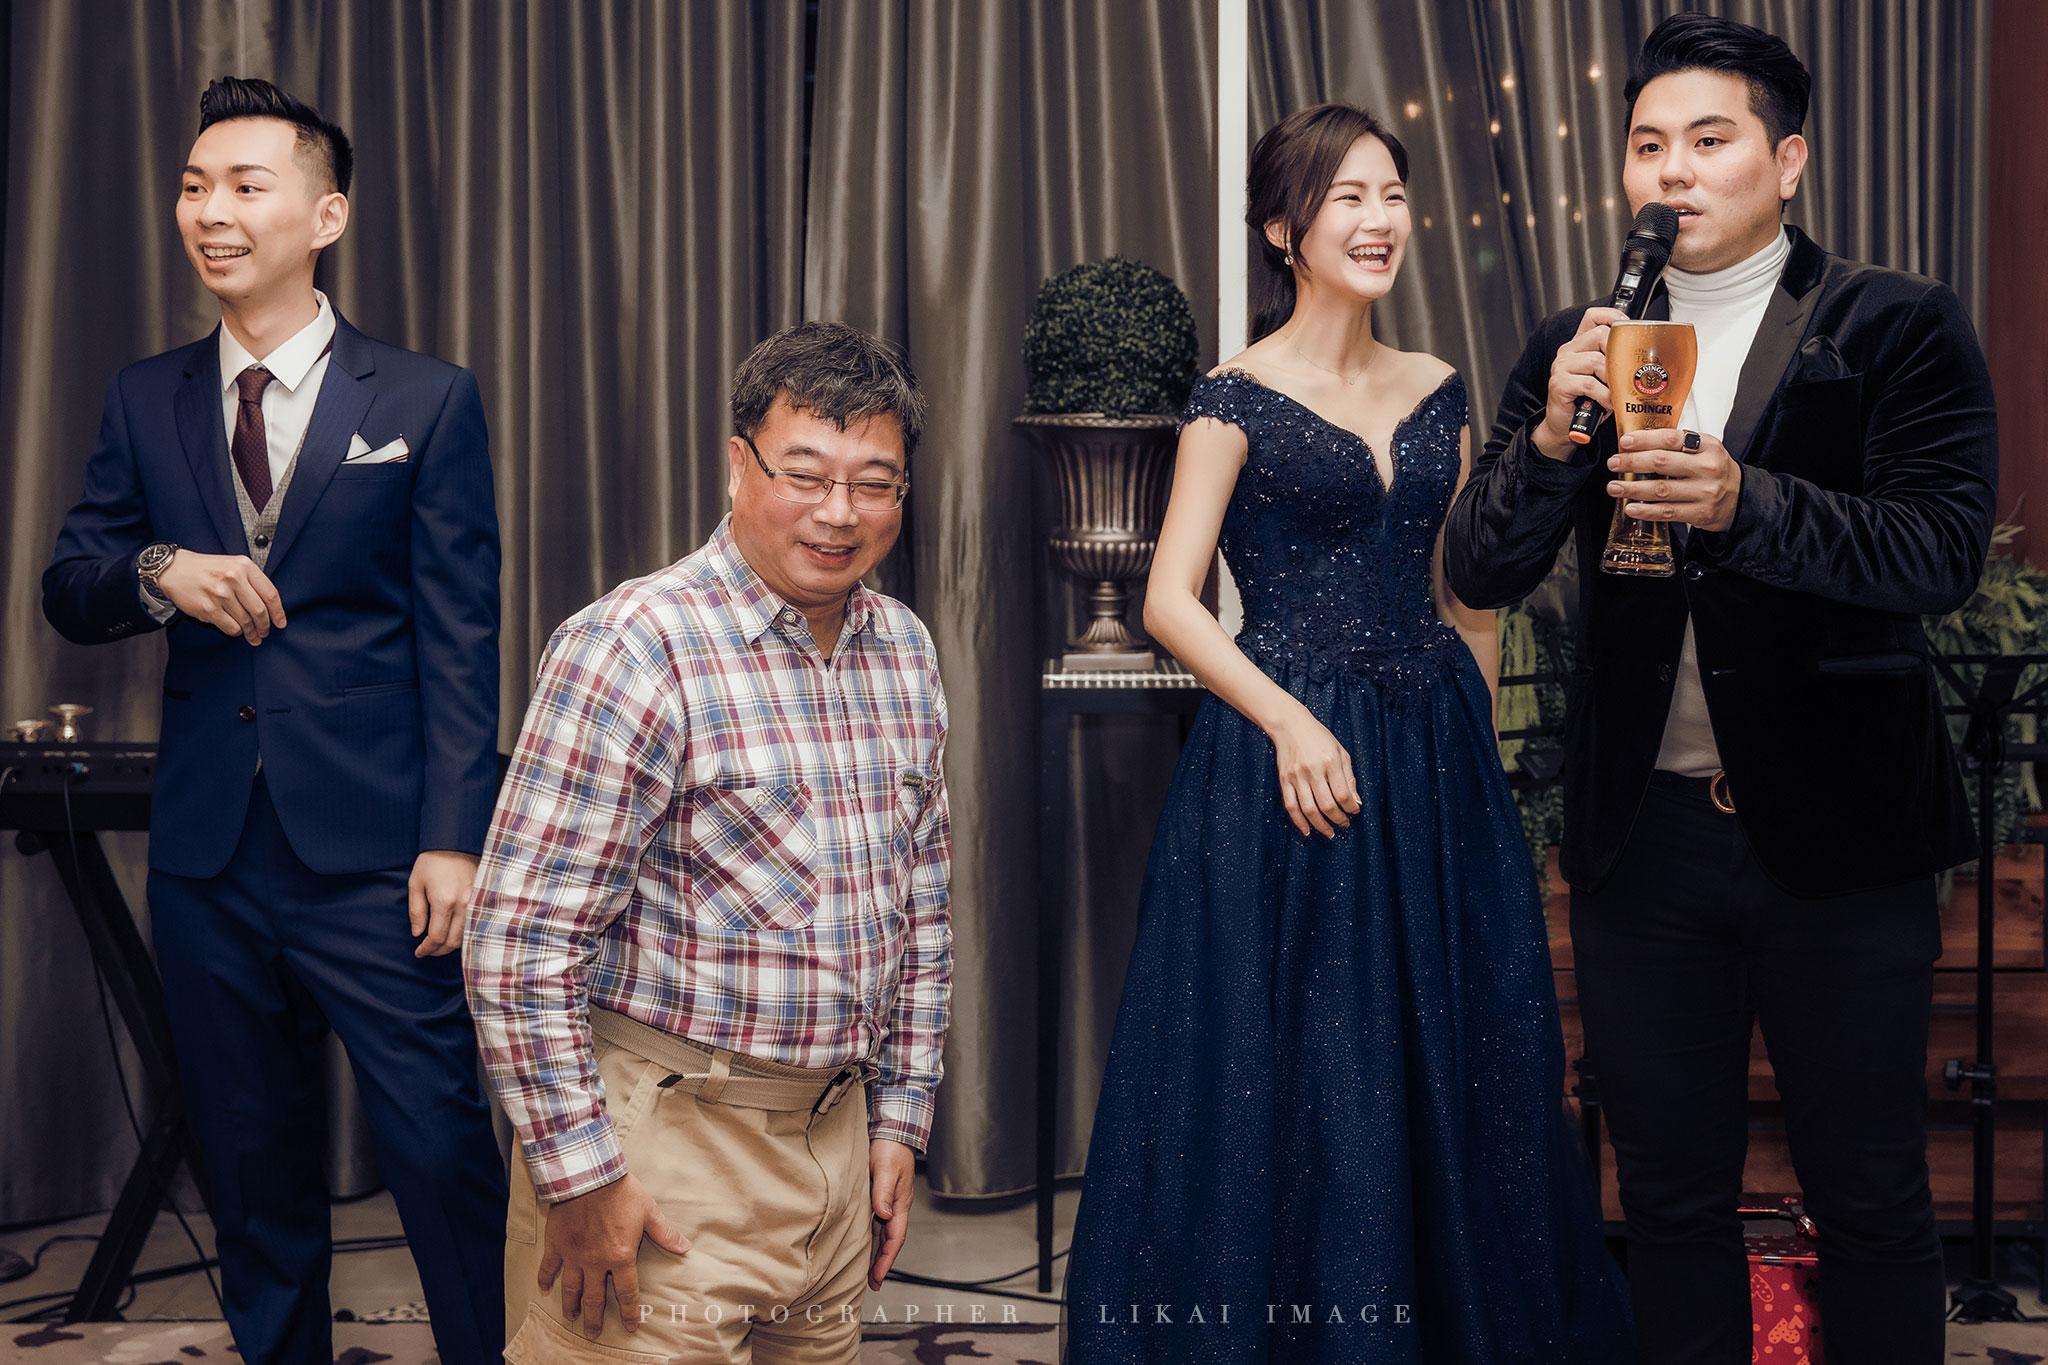 婚禮紀錄 - 英秀 & 明楷 - 101大安東尼